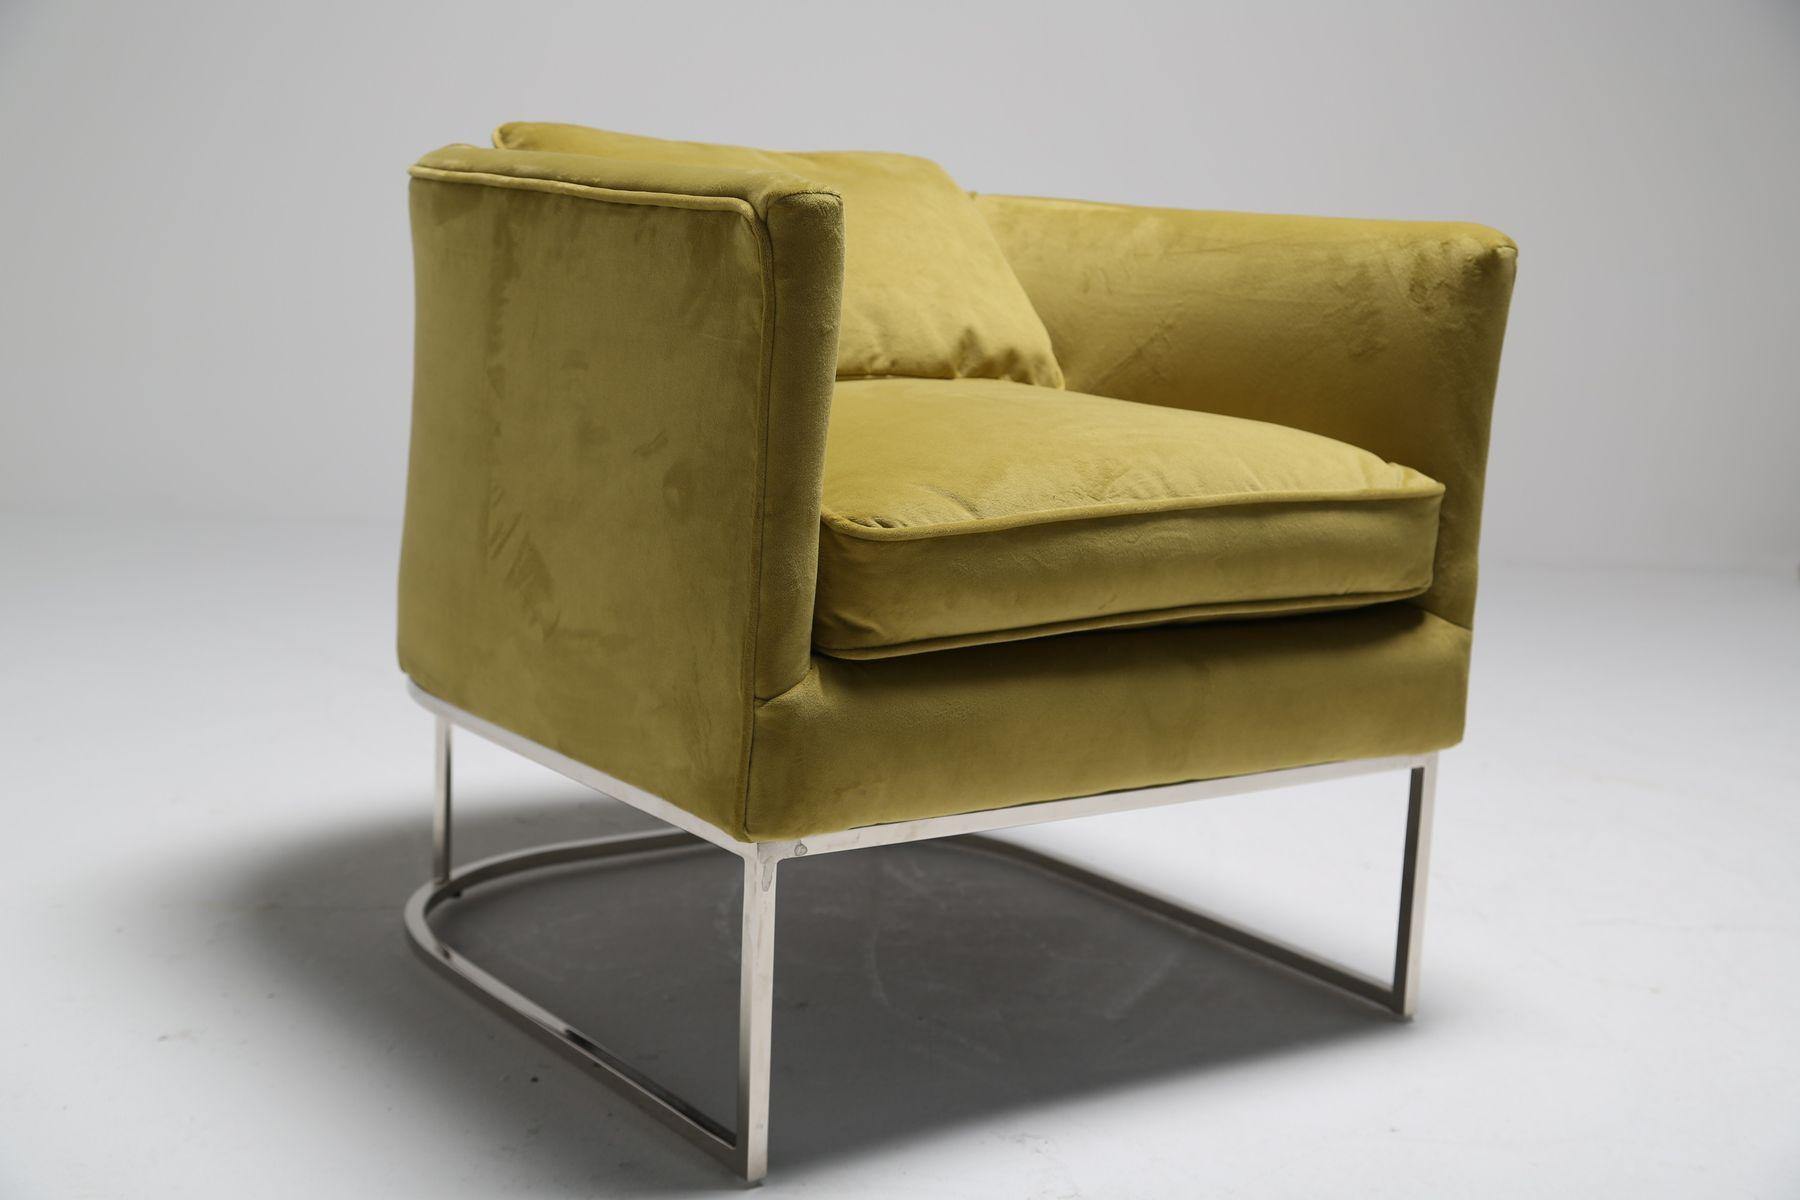 metal tub chair dining covers images chromed and lemon ginger velvet for sale